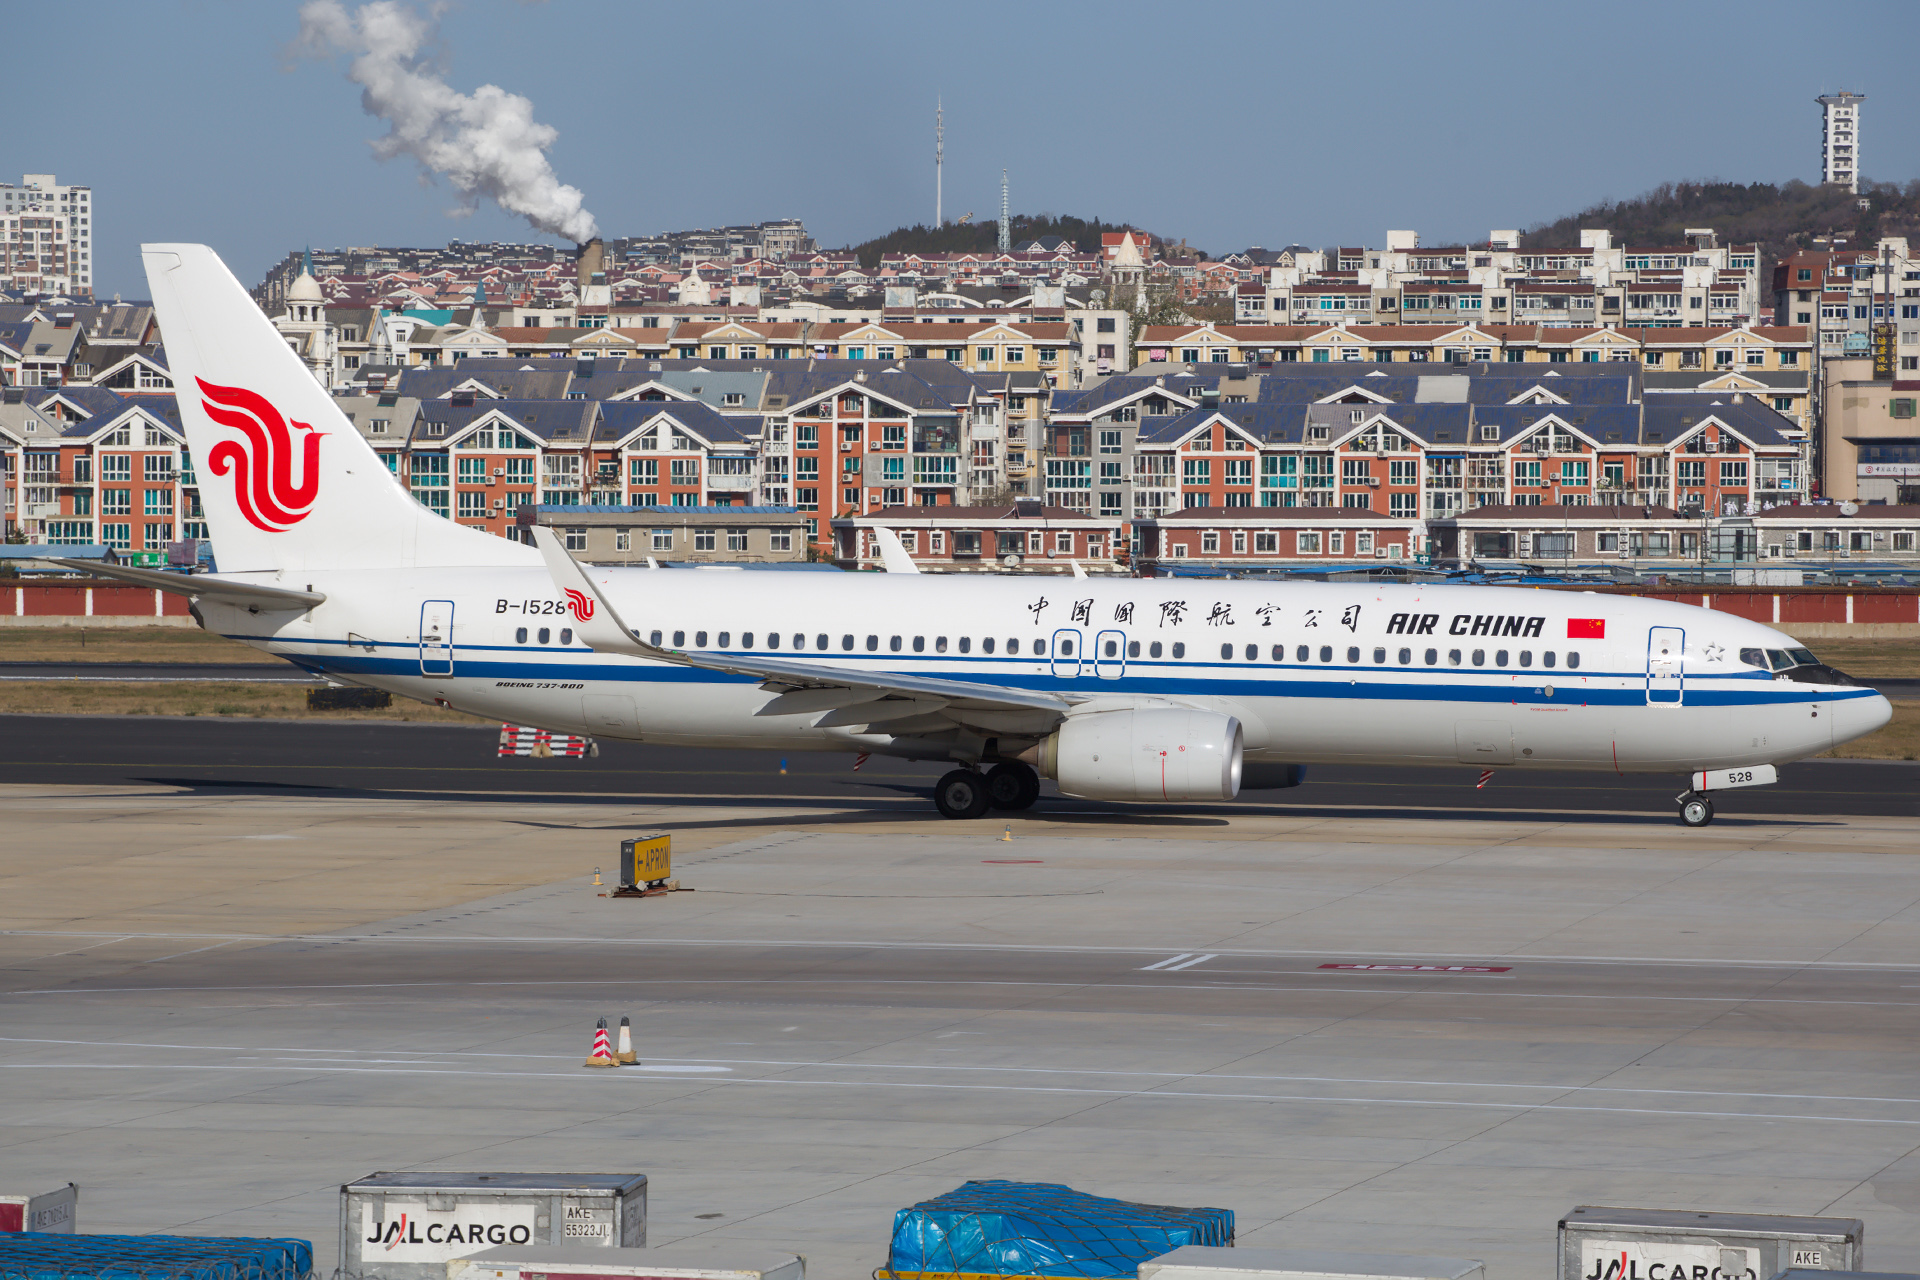 [原创][DLC]。。。 杂图。。。 BOEING 737-800 B-1528 中国大连国际机场